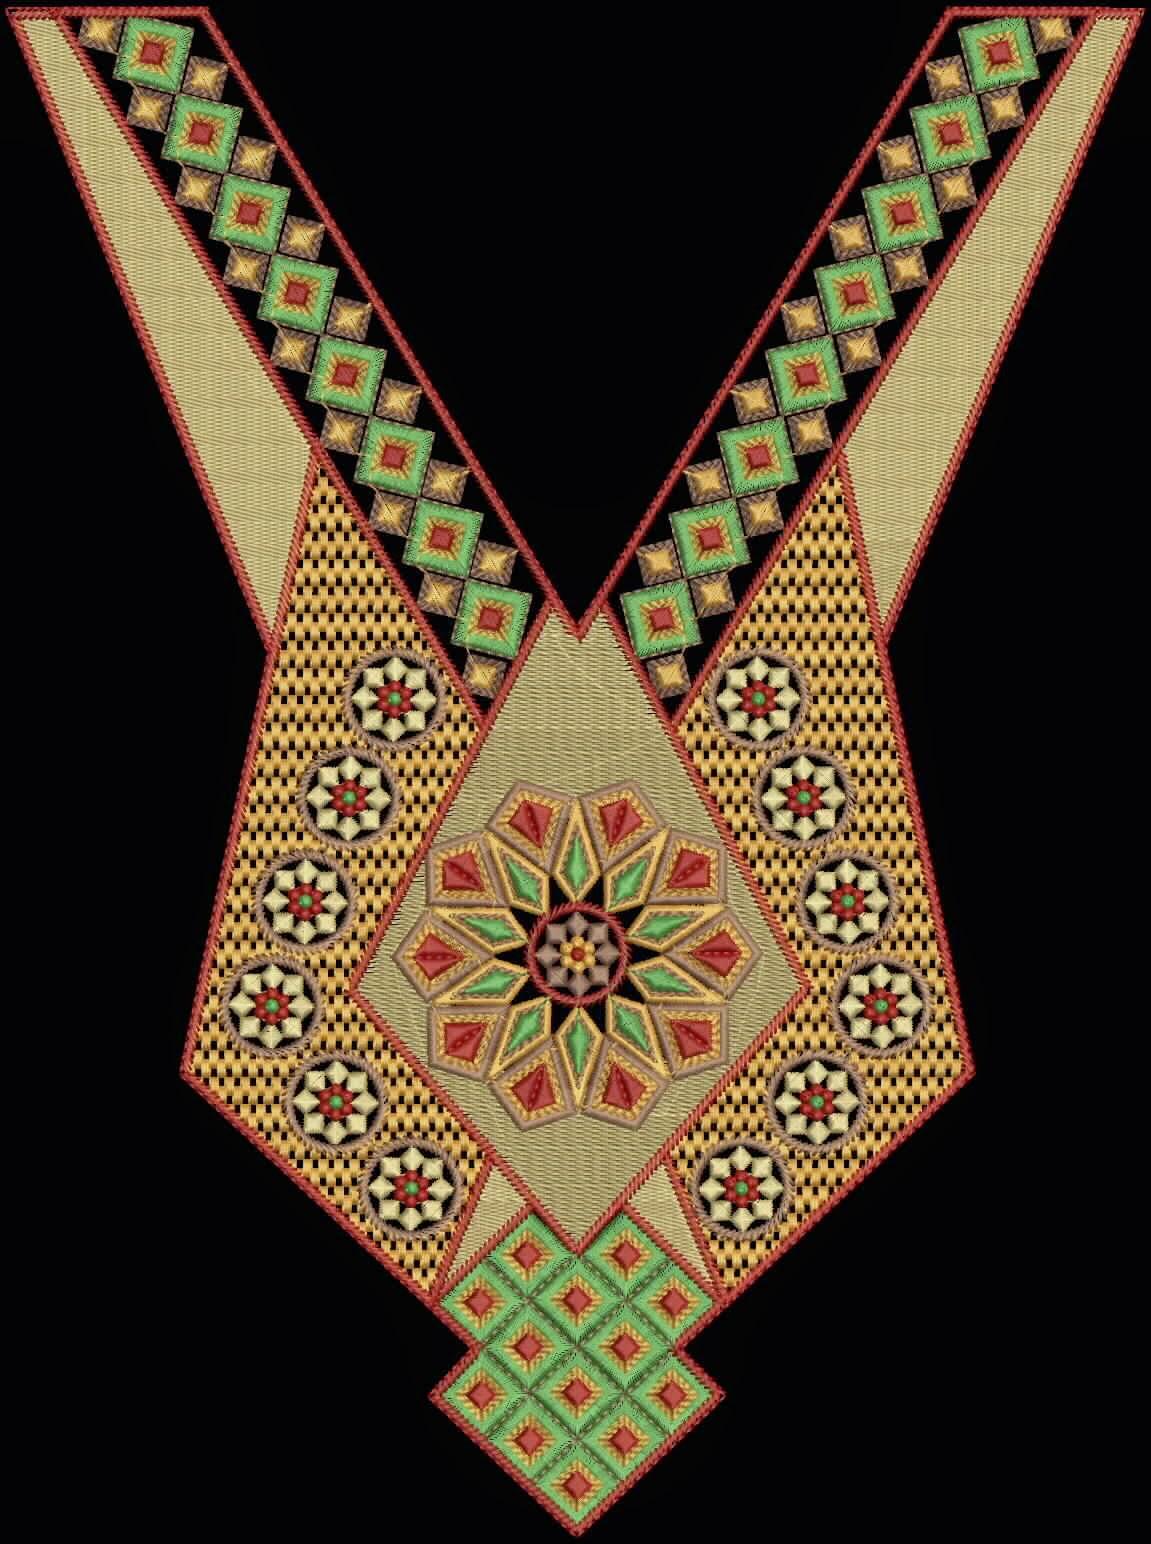 Pakistani Embroidery image